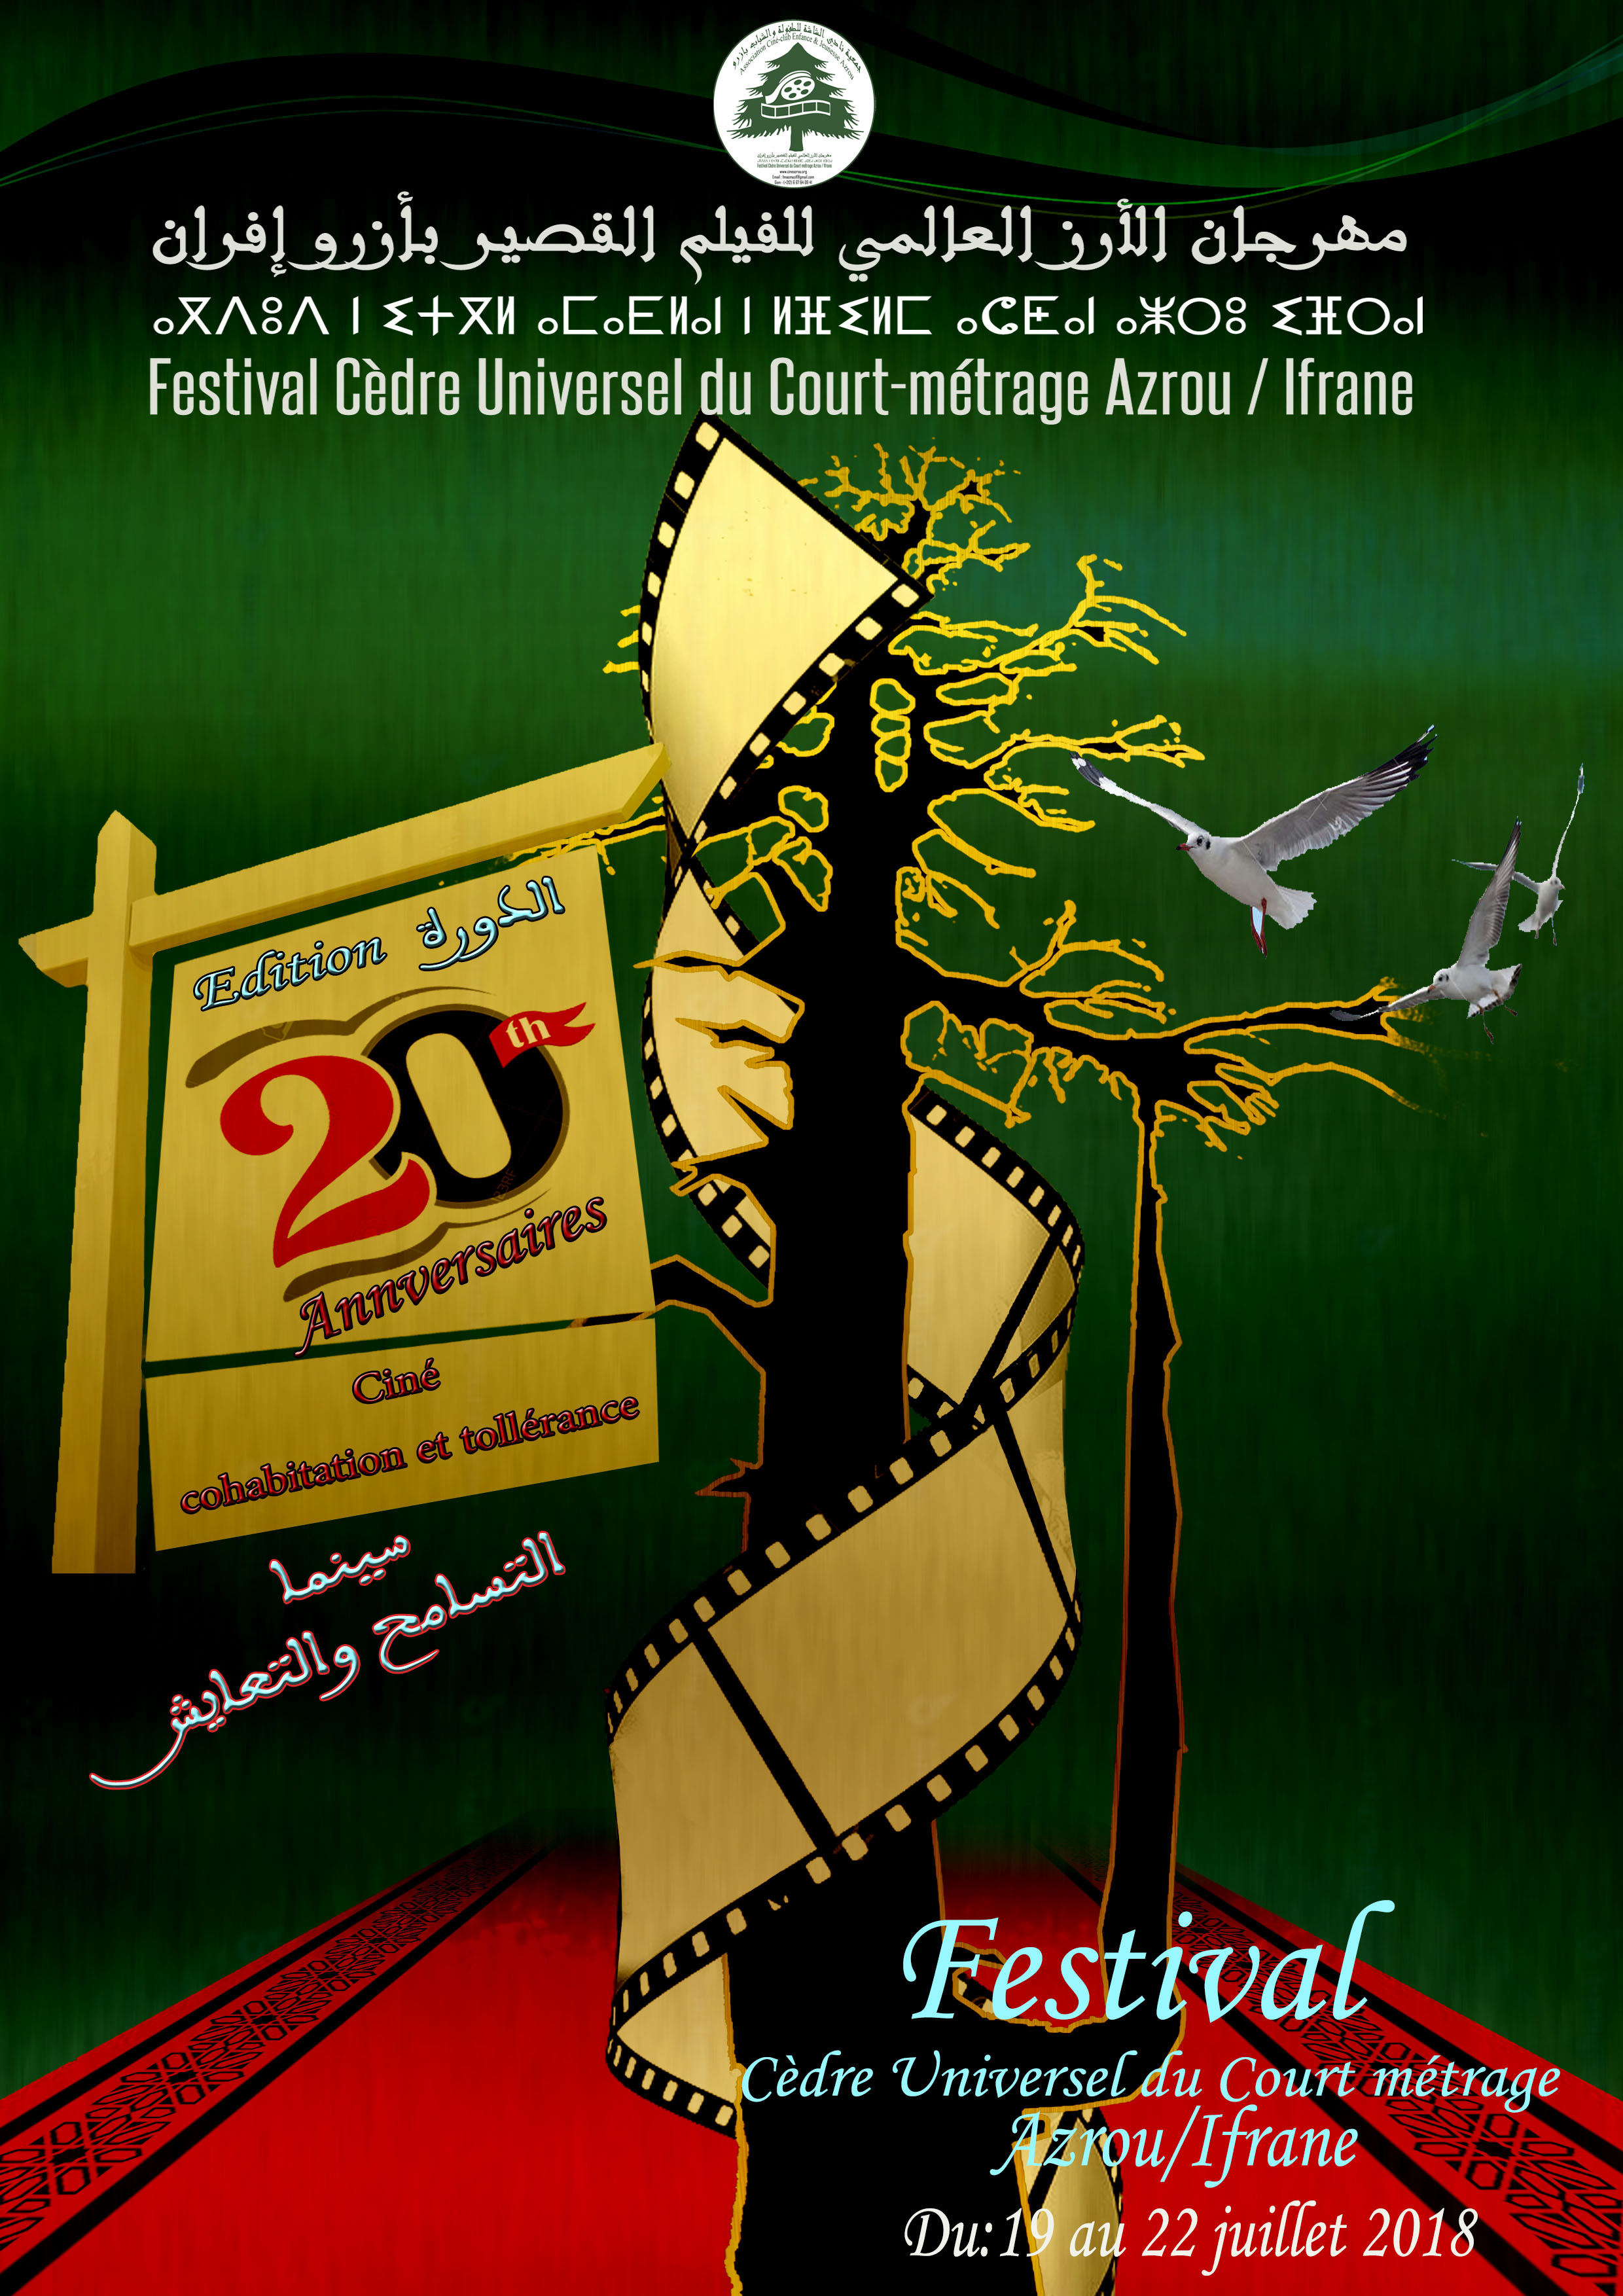 Le Festival du court-métrage d'Azrou-Ifrane souffle sa 20ème bougie